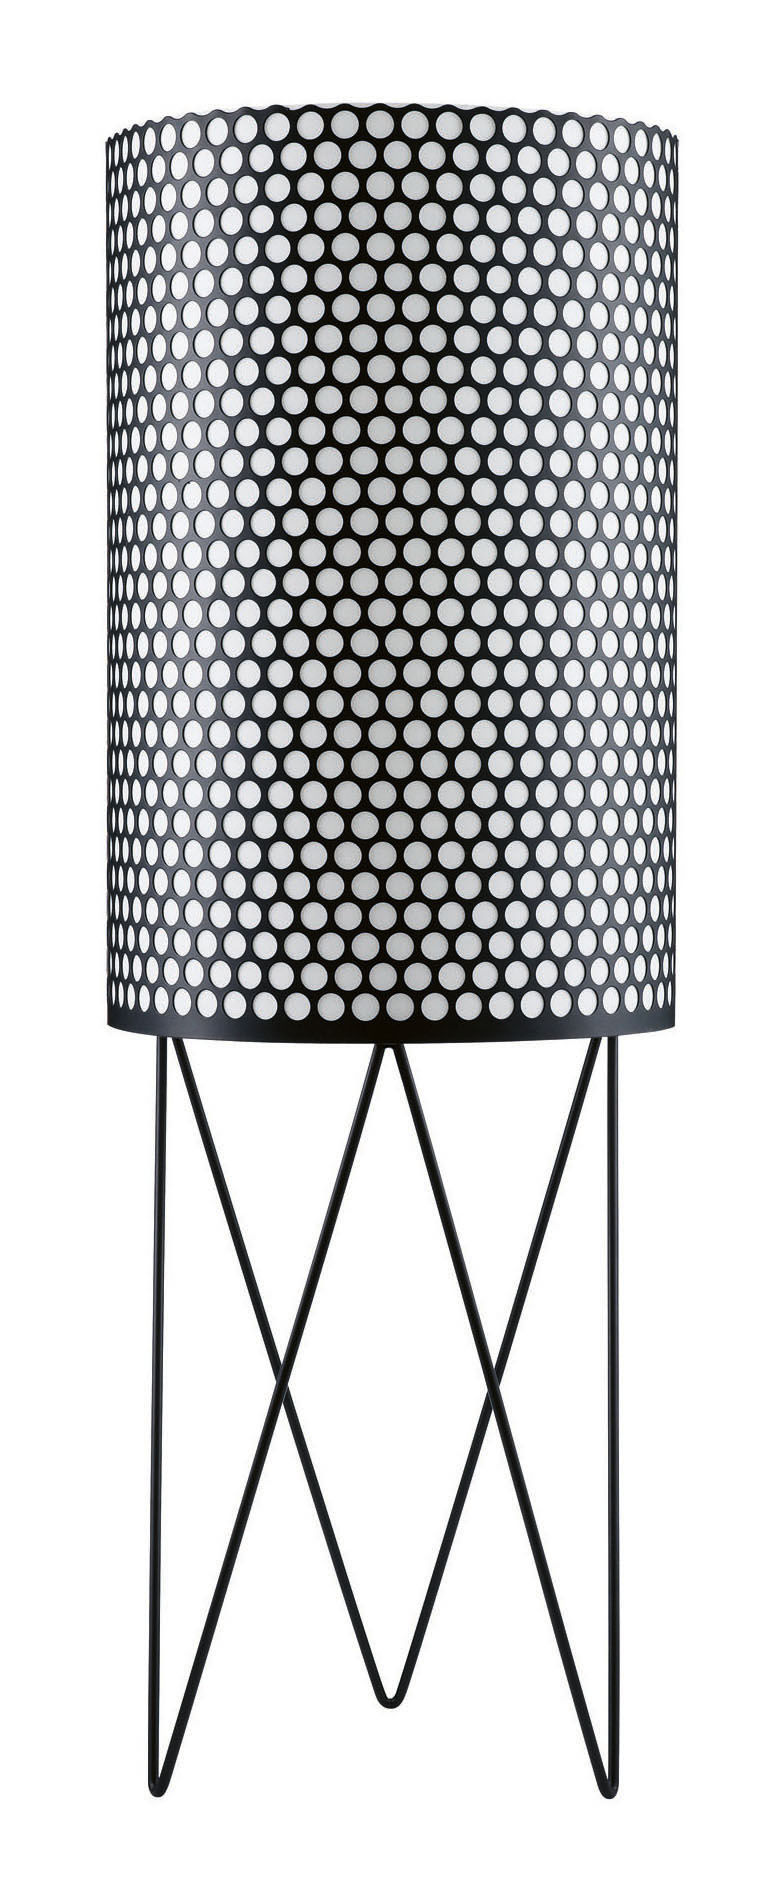 Luminaire - Lampadaires - Lampadaire Pedrera Ø 39 x H 113 cm - Réédition 1955 - Gubi - Noir - Métal, Polyéthylène